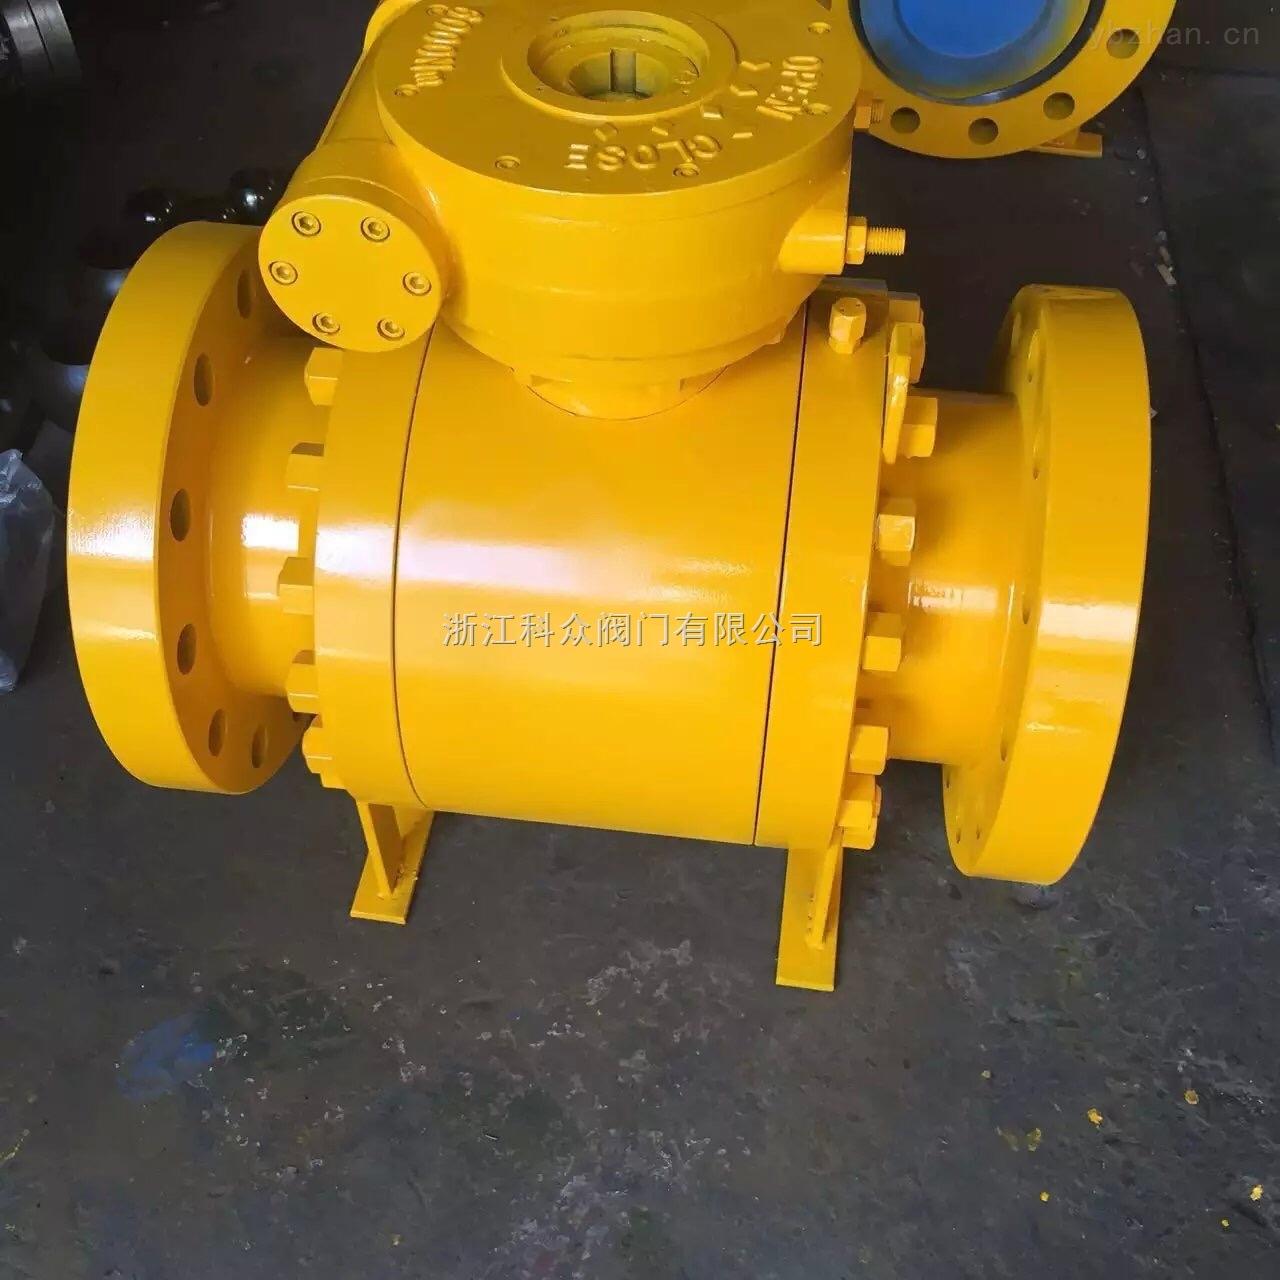 Q347H-锻钢固定式球阀 固定硬密封球阀生产厂家